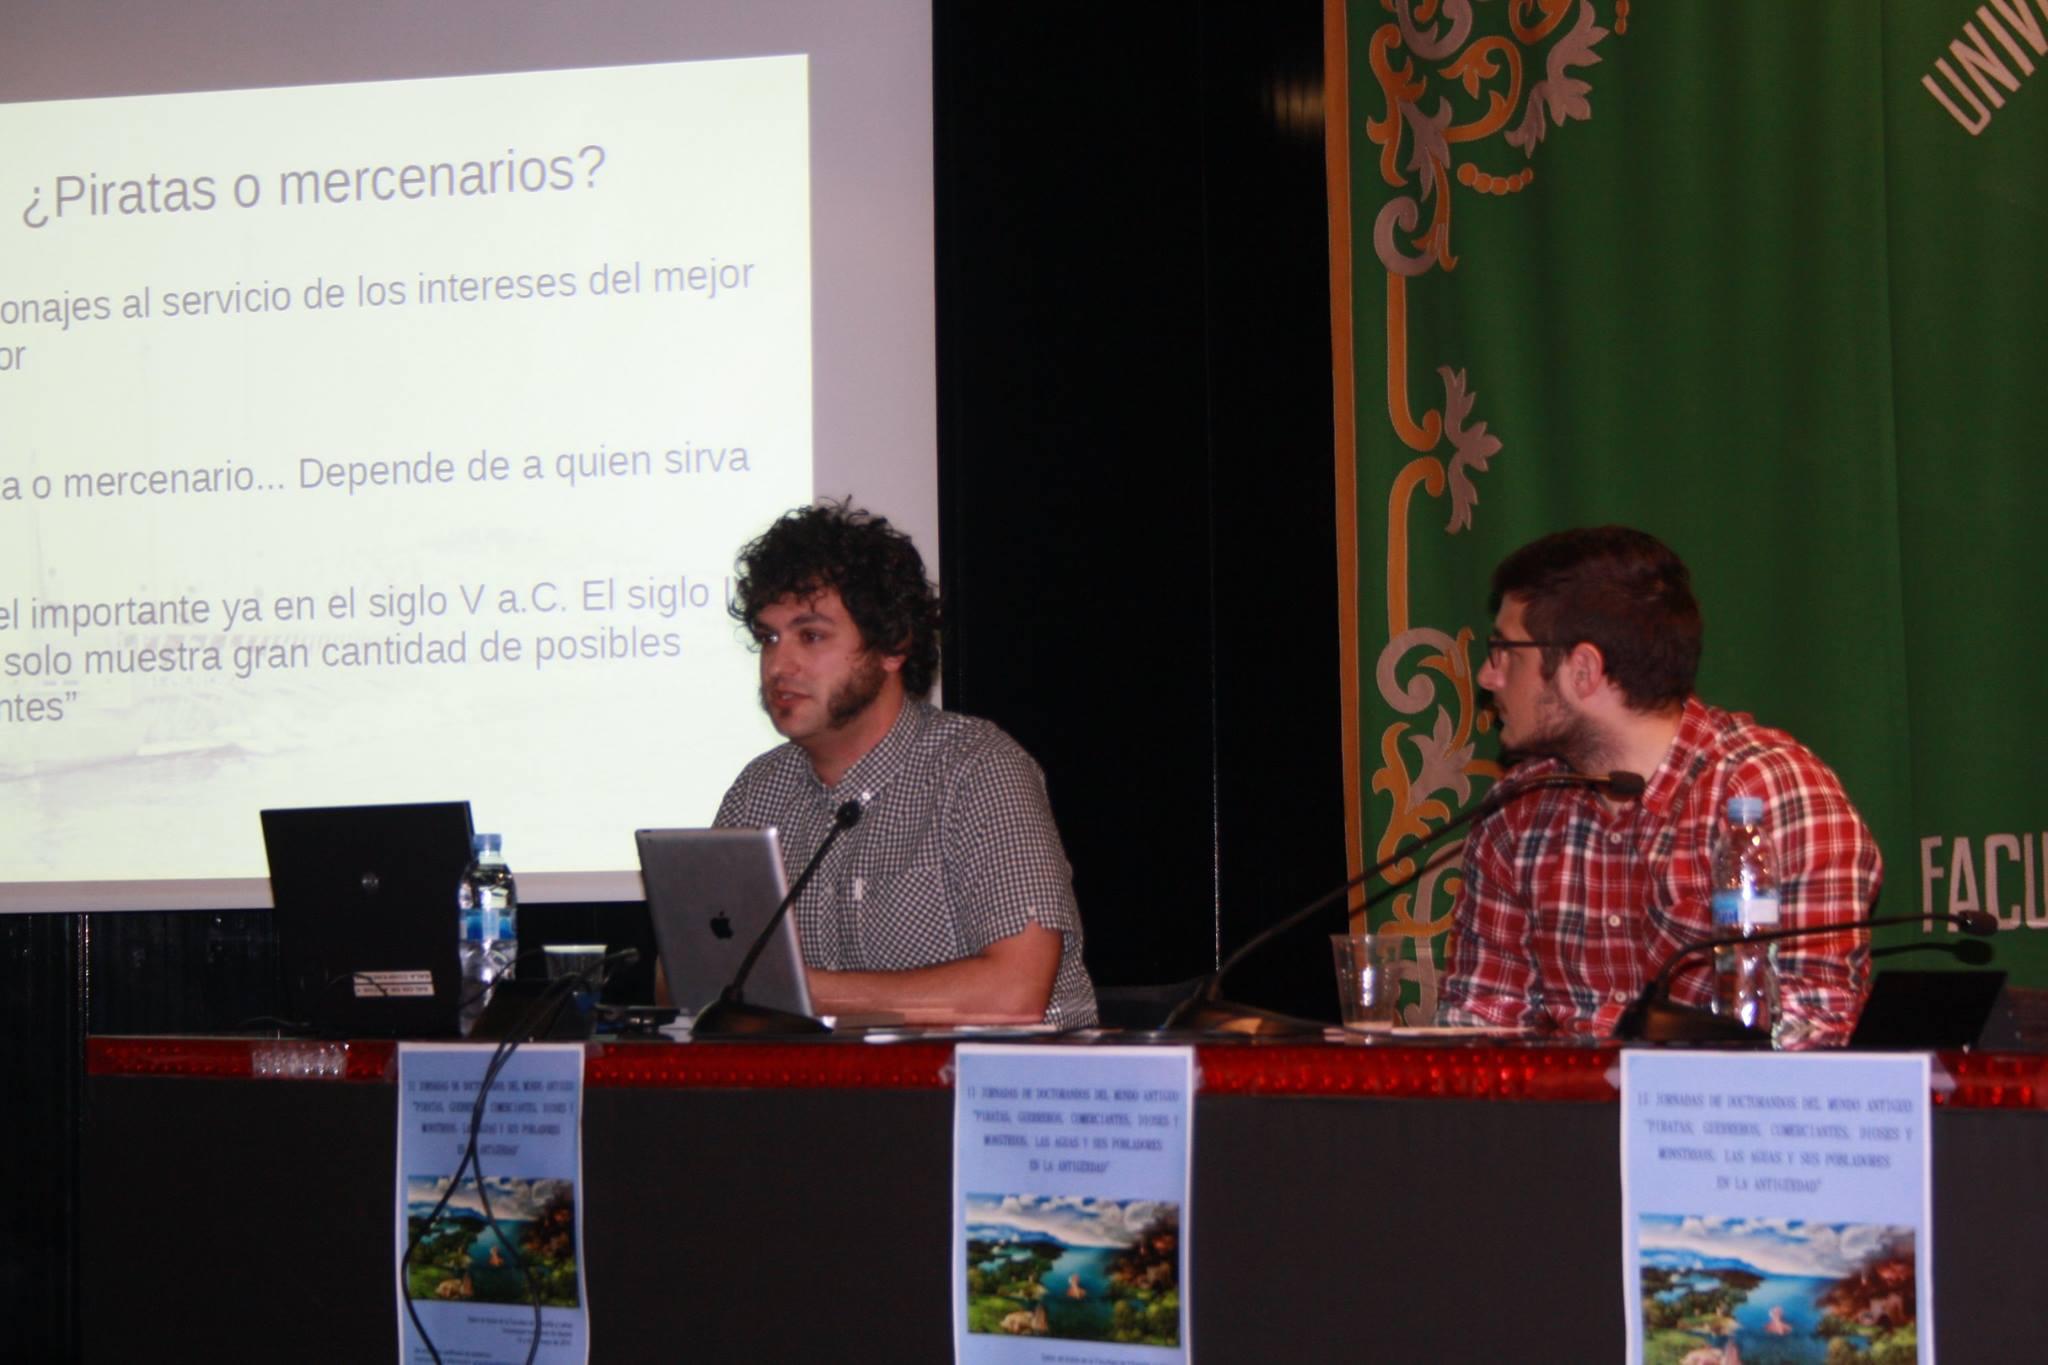 Daniel Elvis Garrido y David Pareja (Fotografía de Marta Marchena)